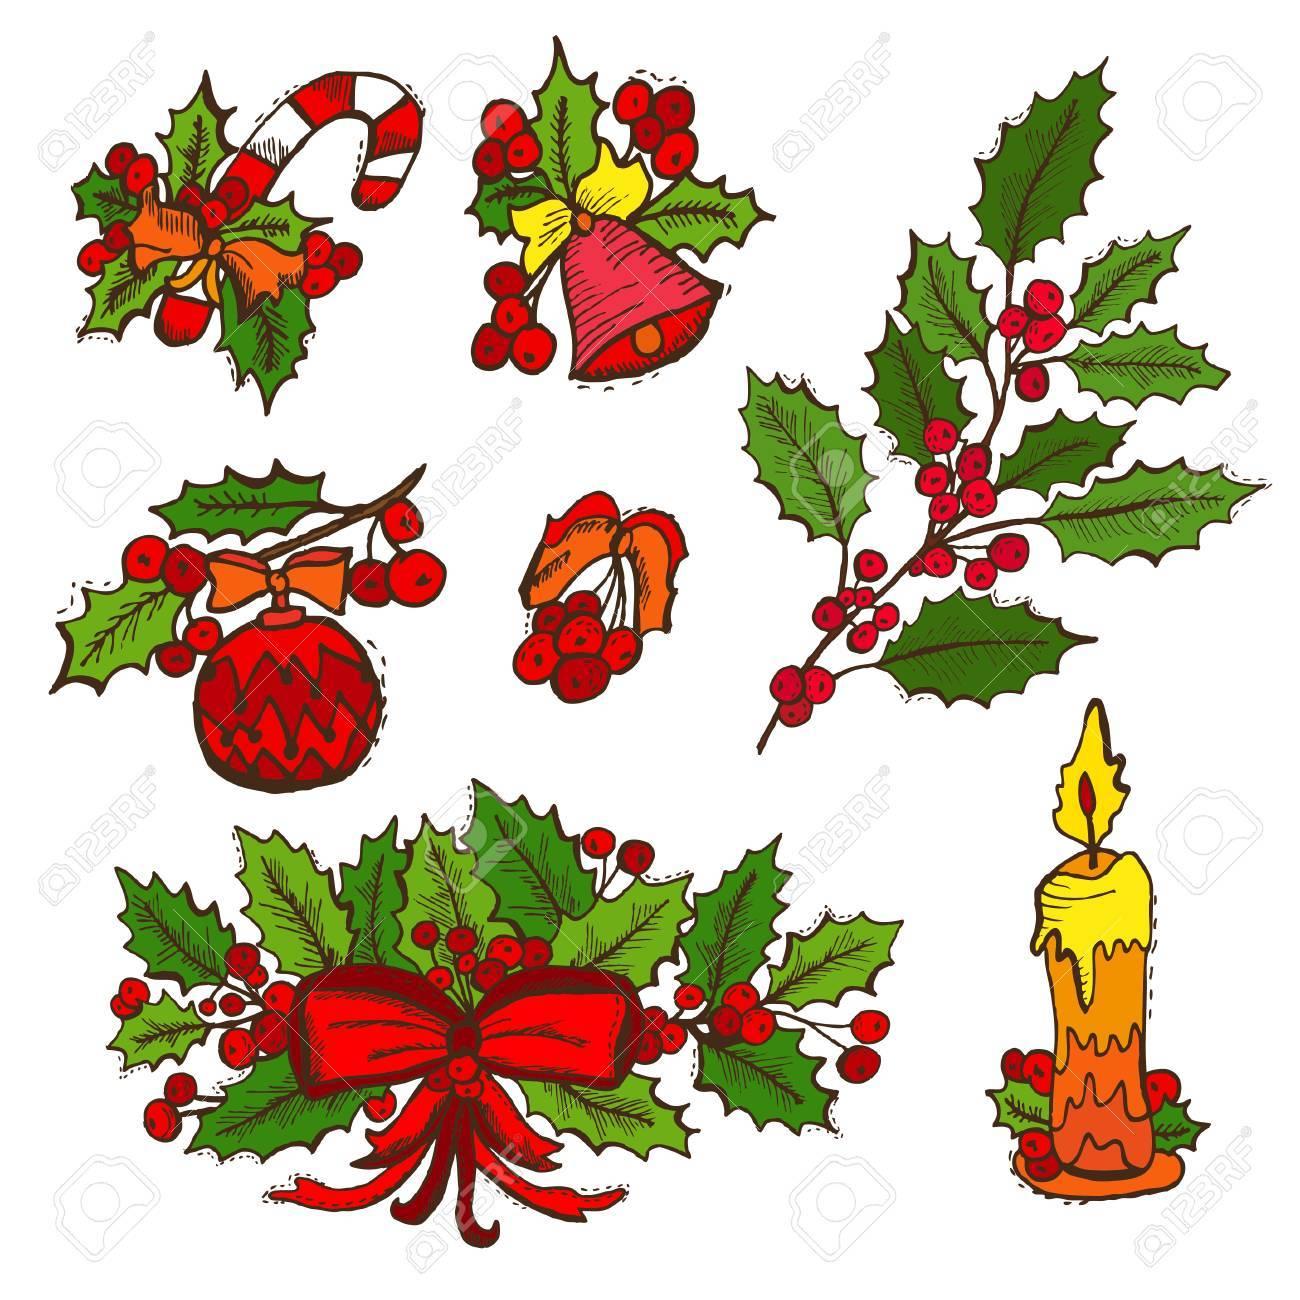 Decorazioni Di Natale Disegni.Disegno A Mano Decorativi Decorazioni Natalizie Elementi Di Design Puo Essere Usato Per Le Schede Inviti Carta Da Regalo Stampa Scrapbooking